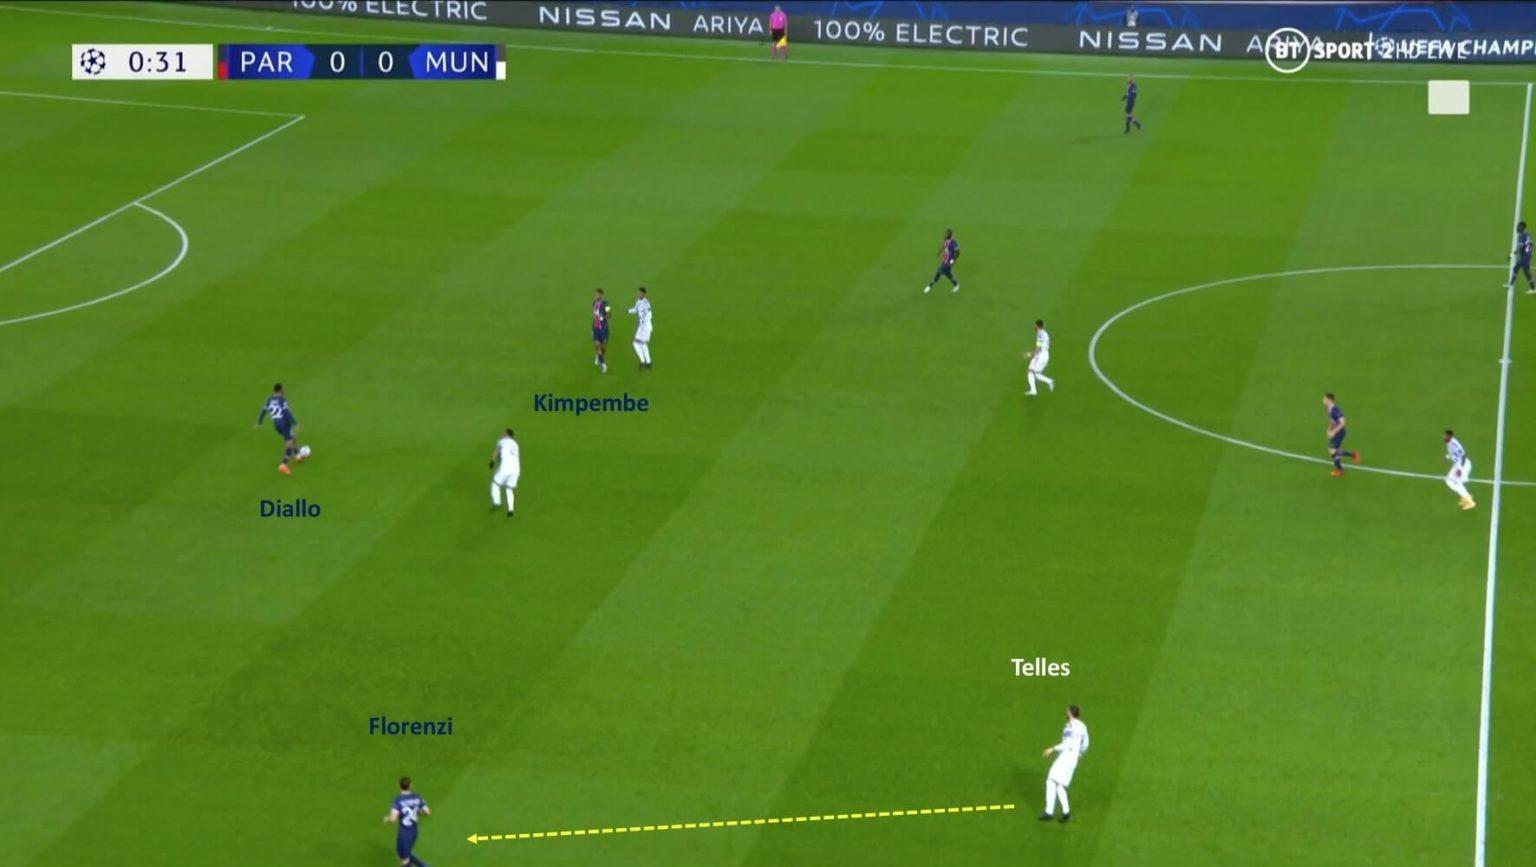 Mổ băng PSG 1-2 M.U: Pressing tầm cao, Solskjaer loại Matic & Pogba là có lý do - Bóng Đá